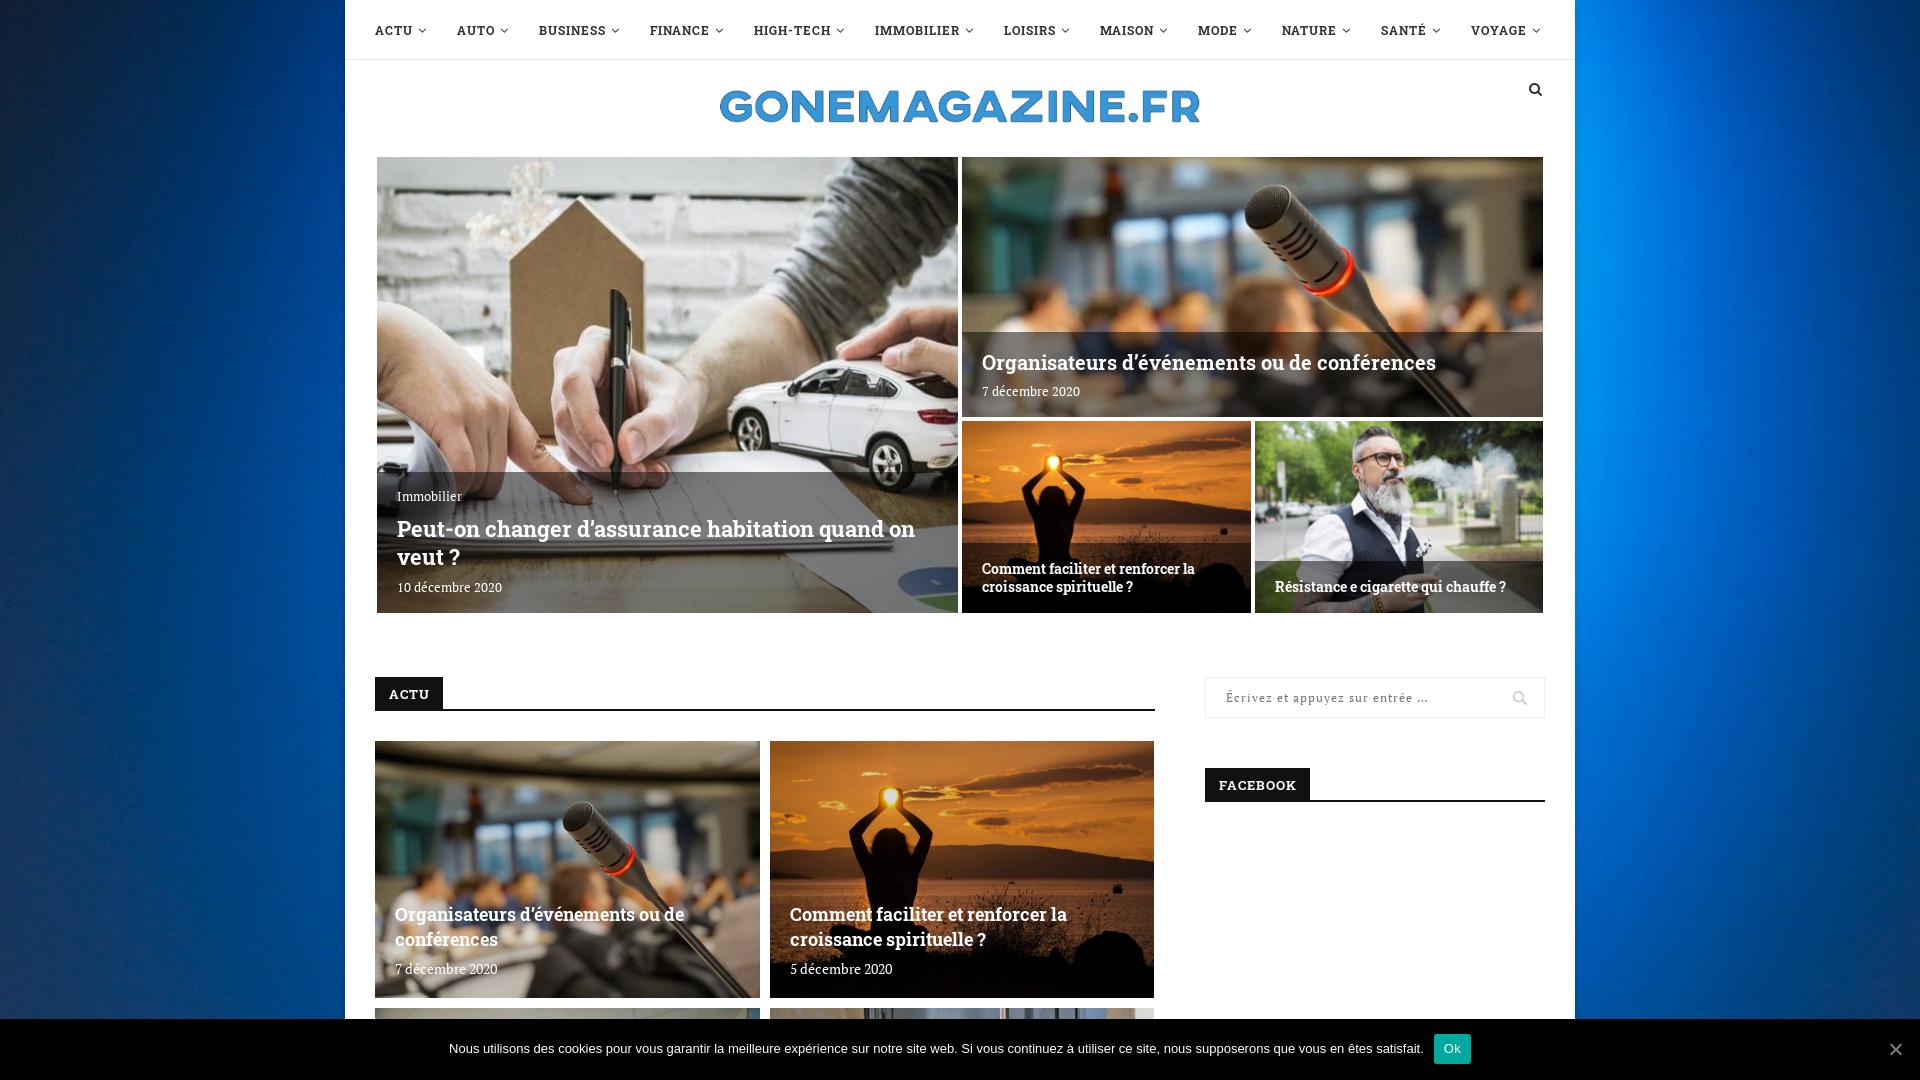 gonemagazine.fr